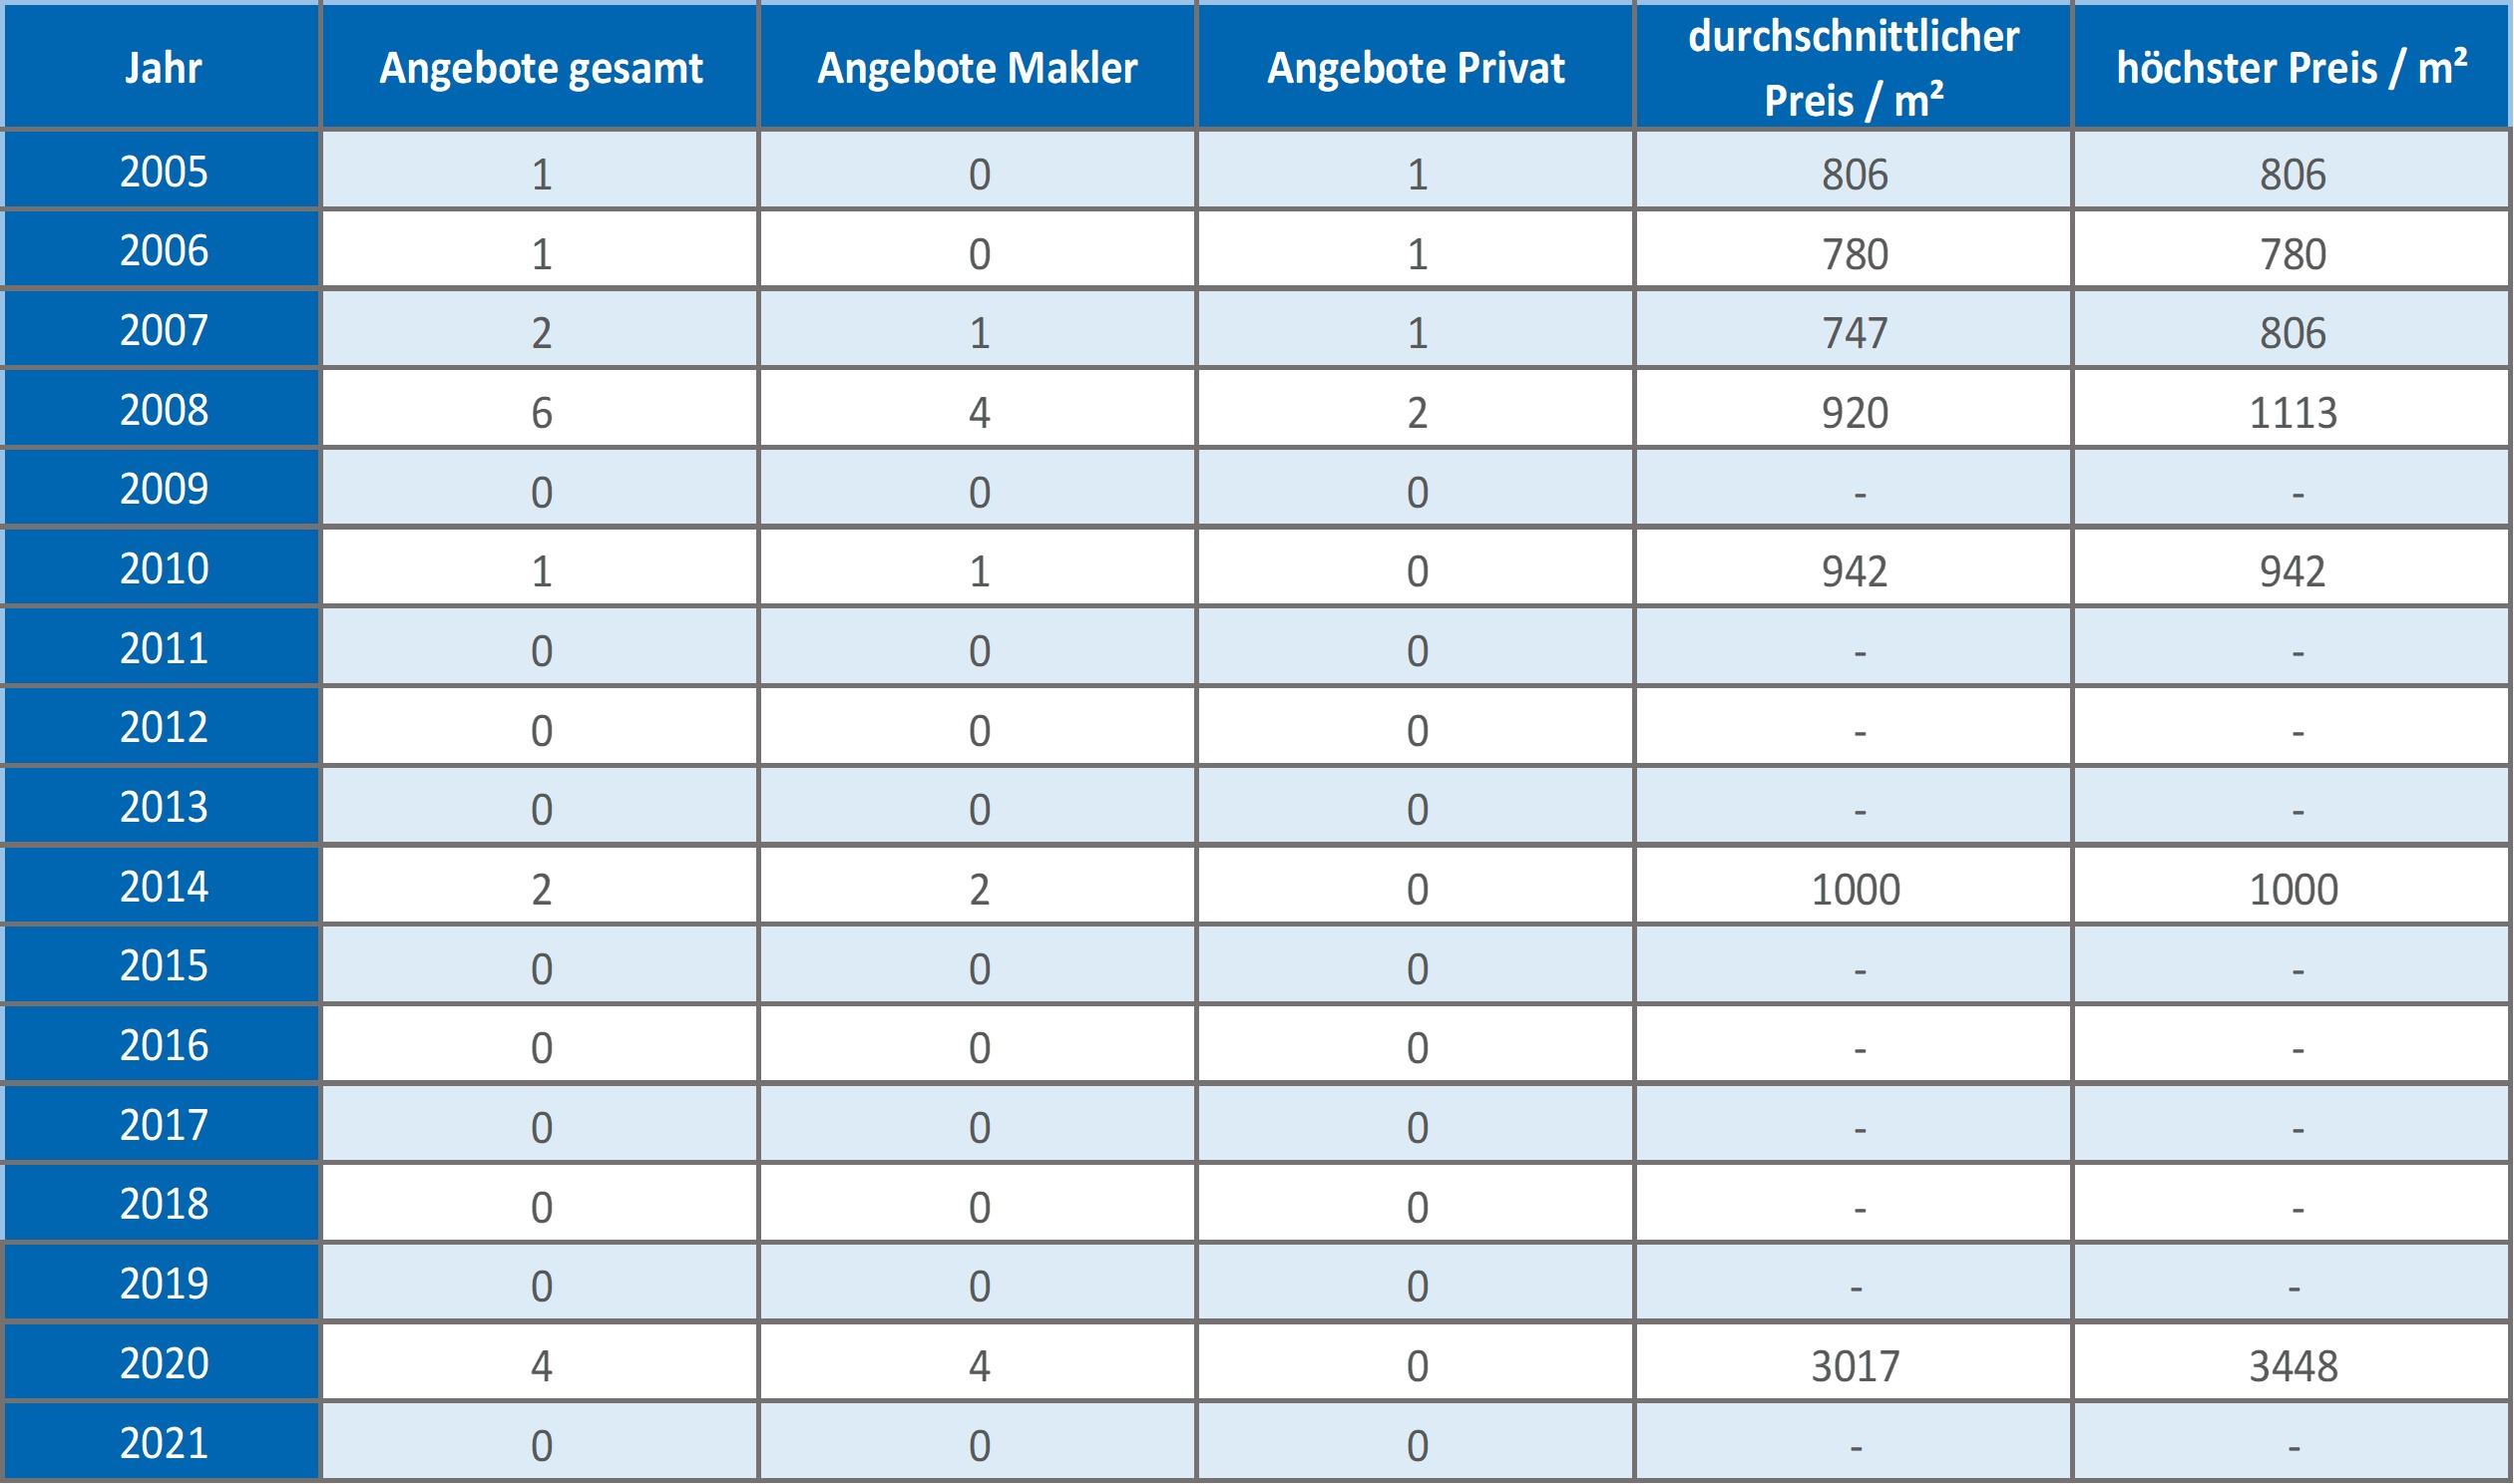 München - Englschalking Grundstück kaufen verkaufen Preis Bewertung Makler 2019 2020 2021 www.happy-immo.de